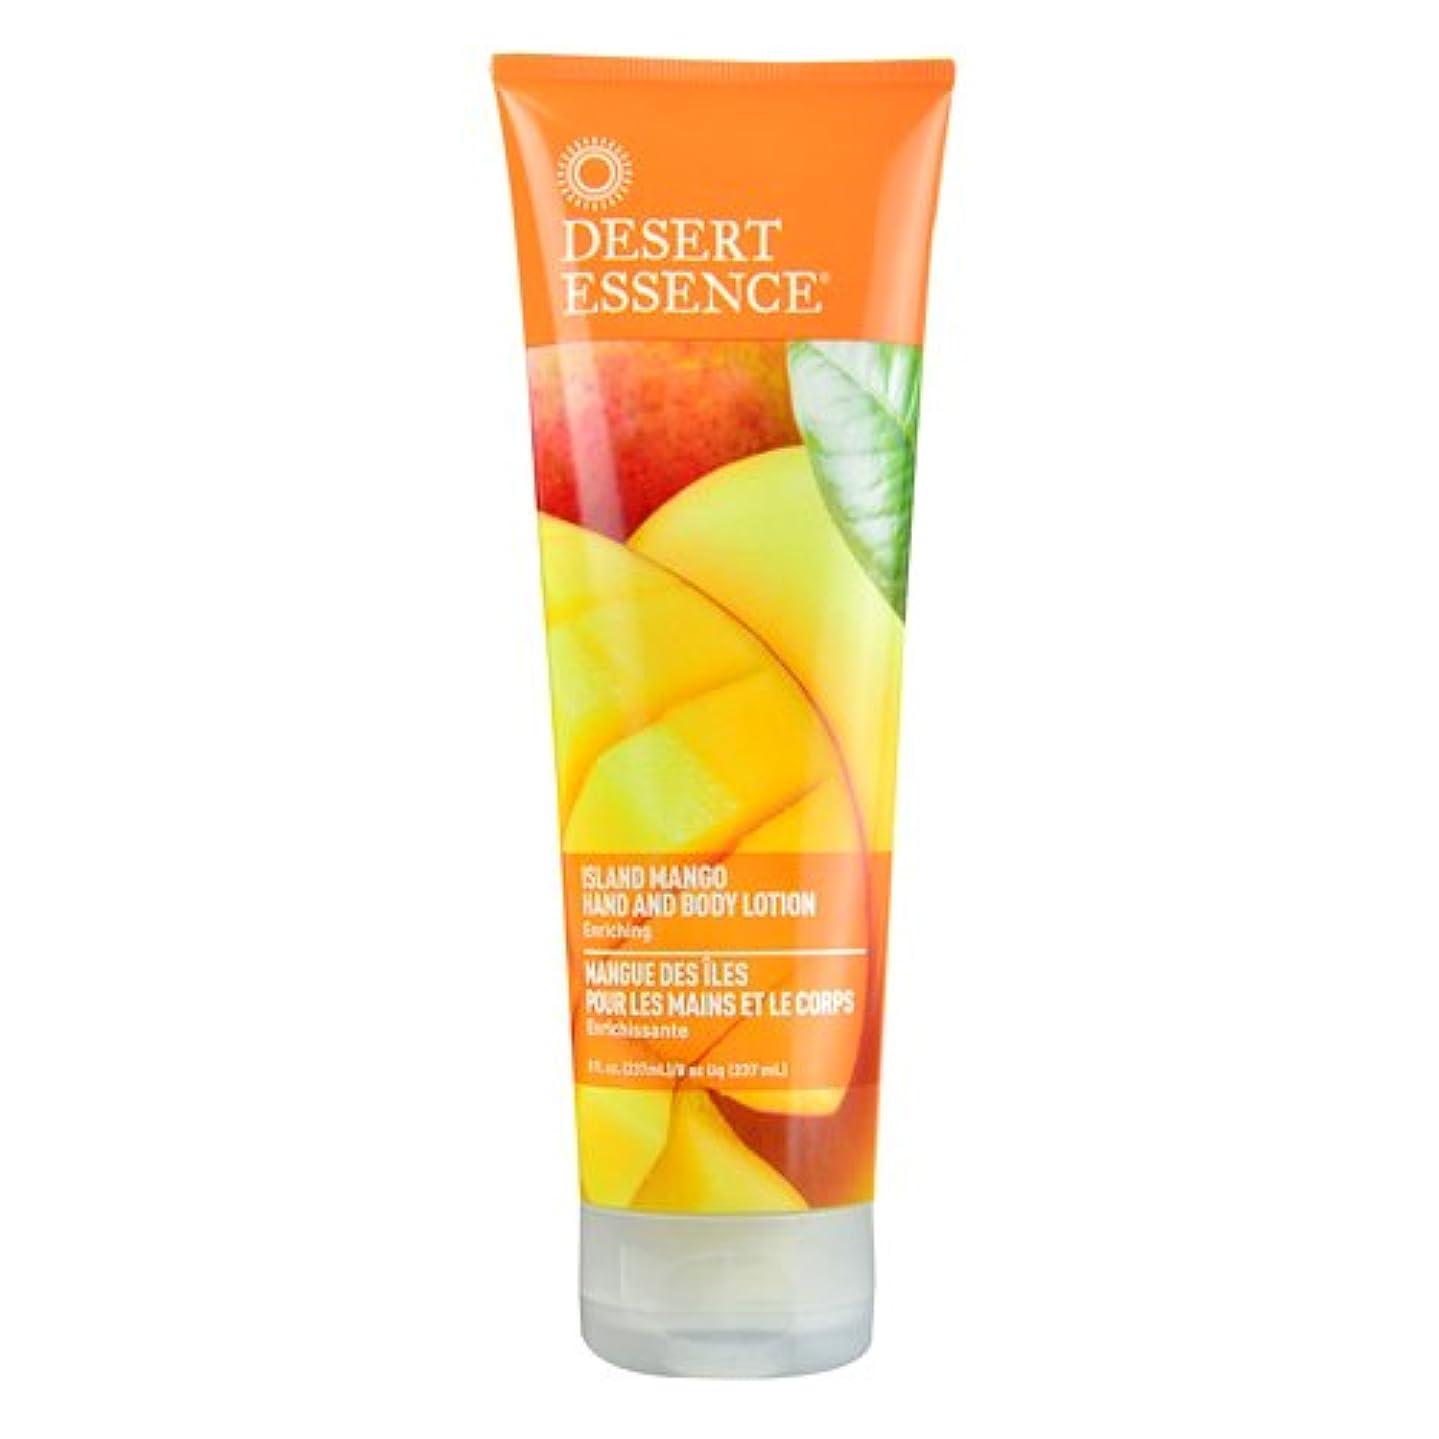 一次ケント実証するDesert Essence, Hand and Body Lotion, Island Mango, 8 fl oz (237 ml)